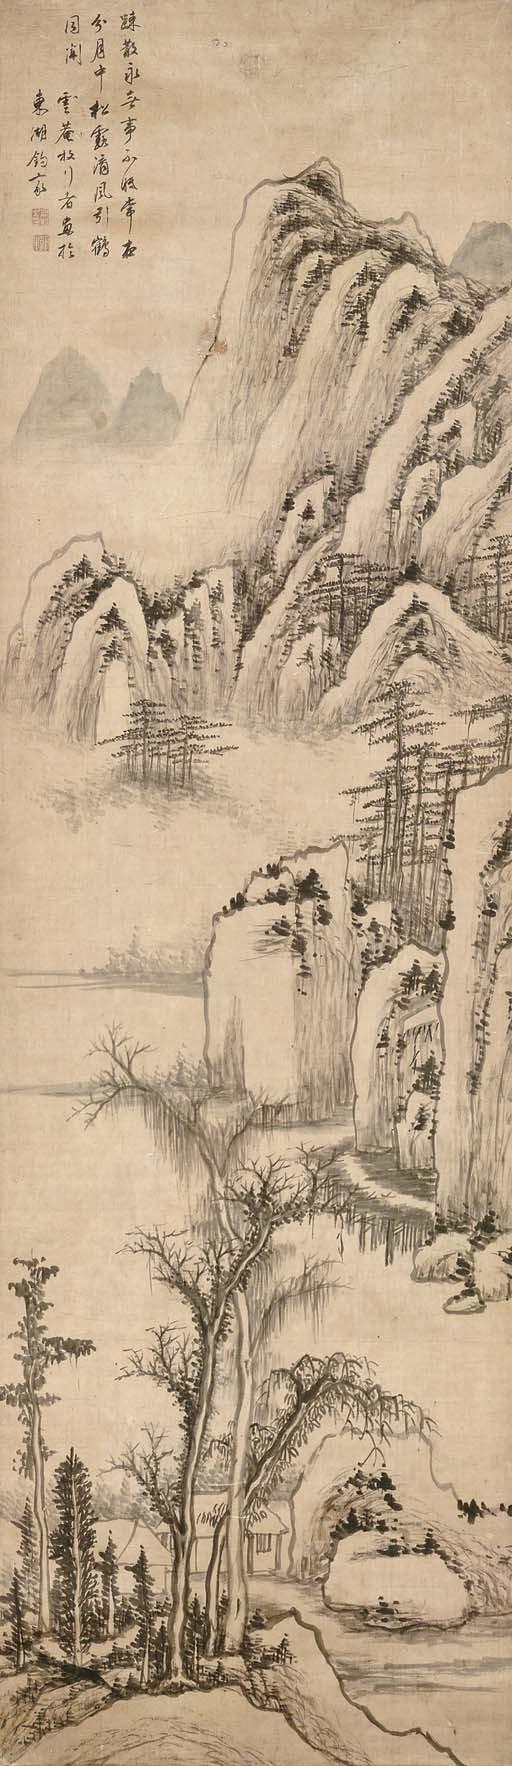 LUO MU (1622-1706)